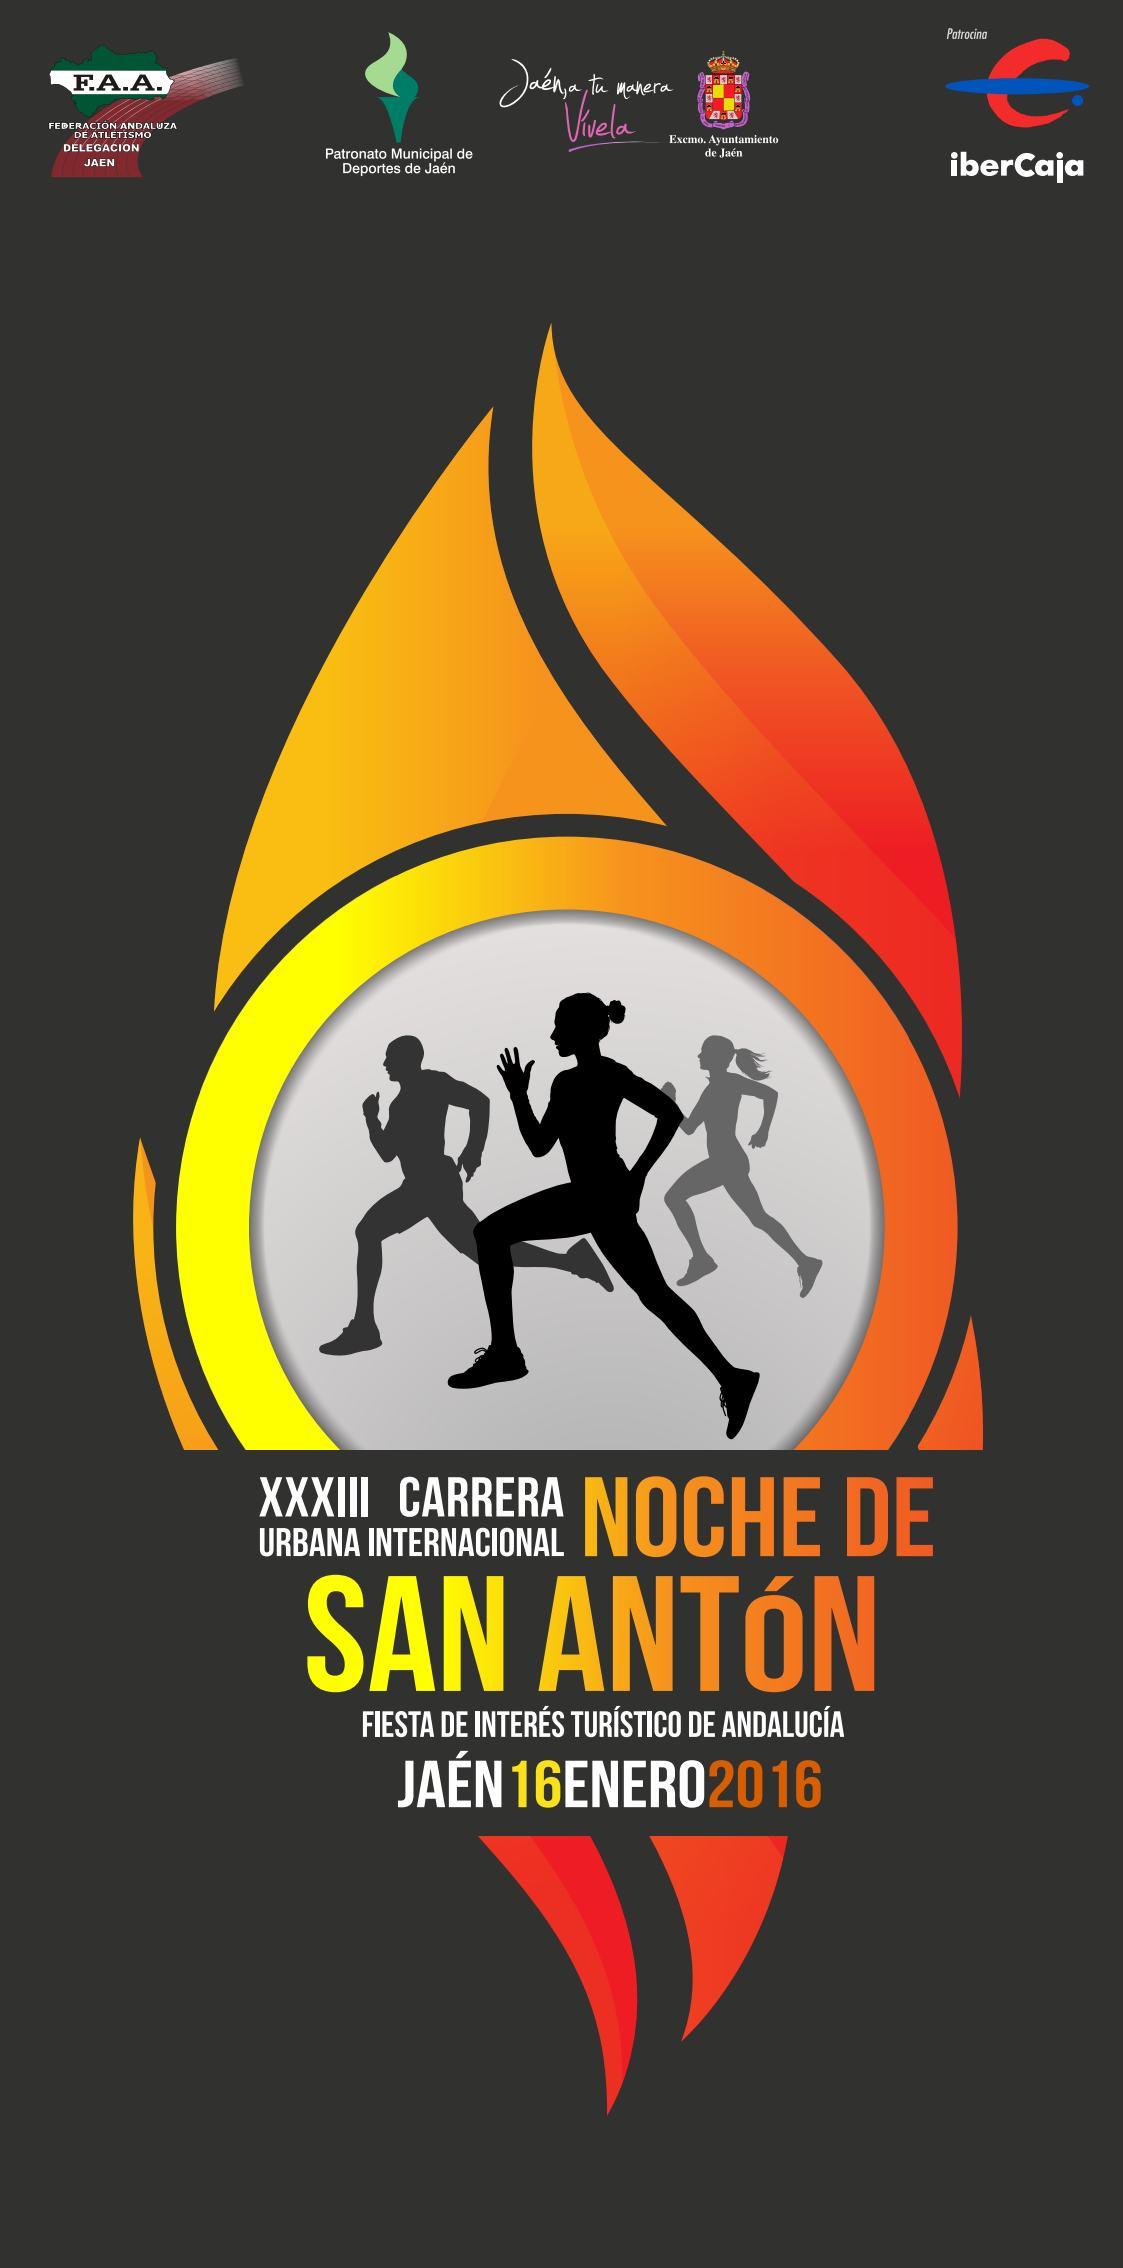 Carrera XXXIII Carrera Urbana Noche de San Antón